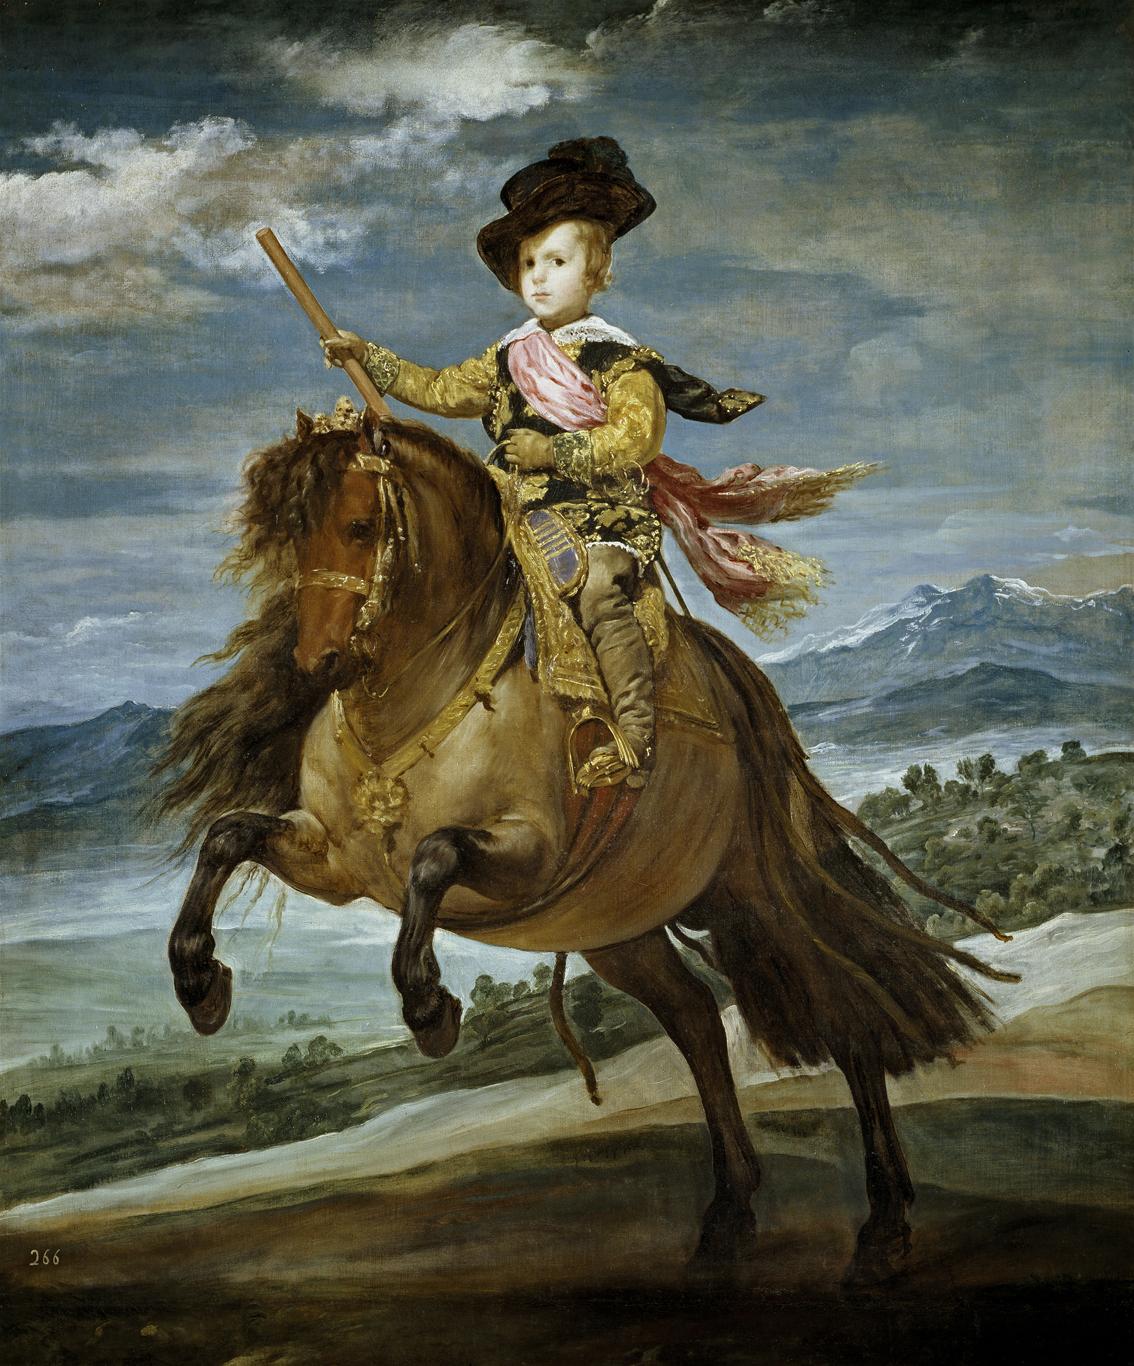 El Príncipe Baltasar carlos, cazador, de Velázquez, 1635-36, óleo sobre lienzo, 191 x 103 cm, Madrid, Museo del Prado.